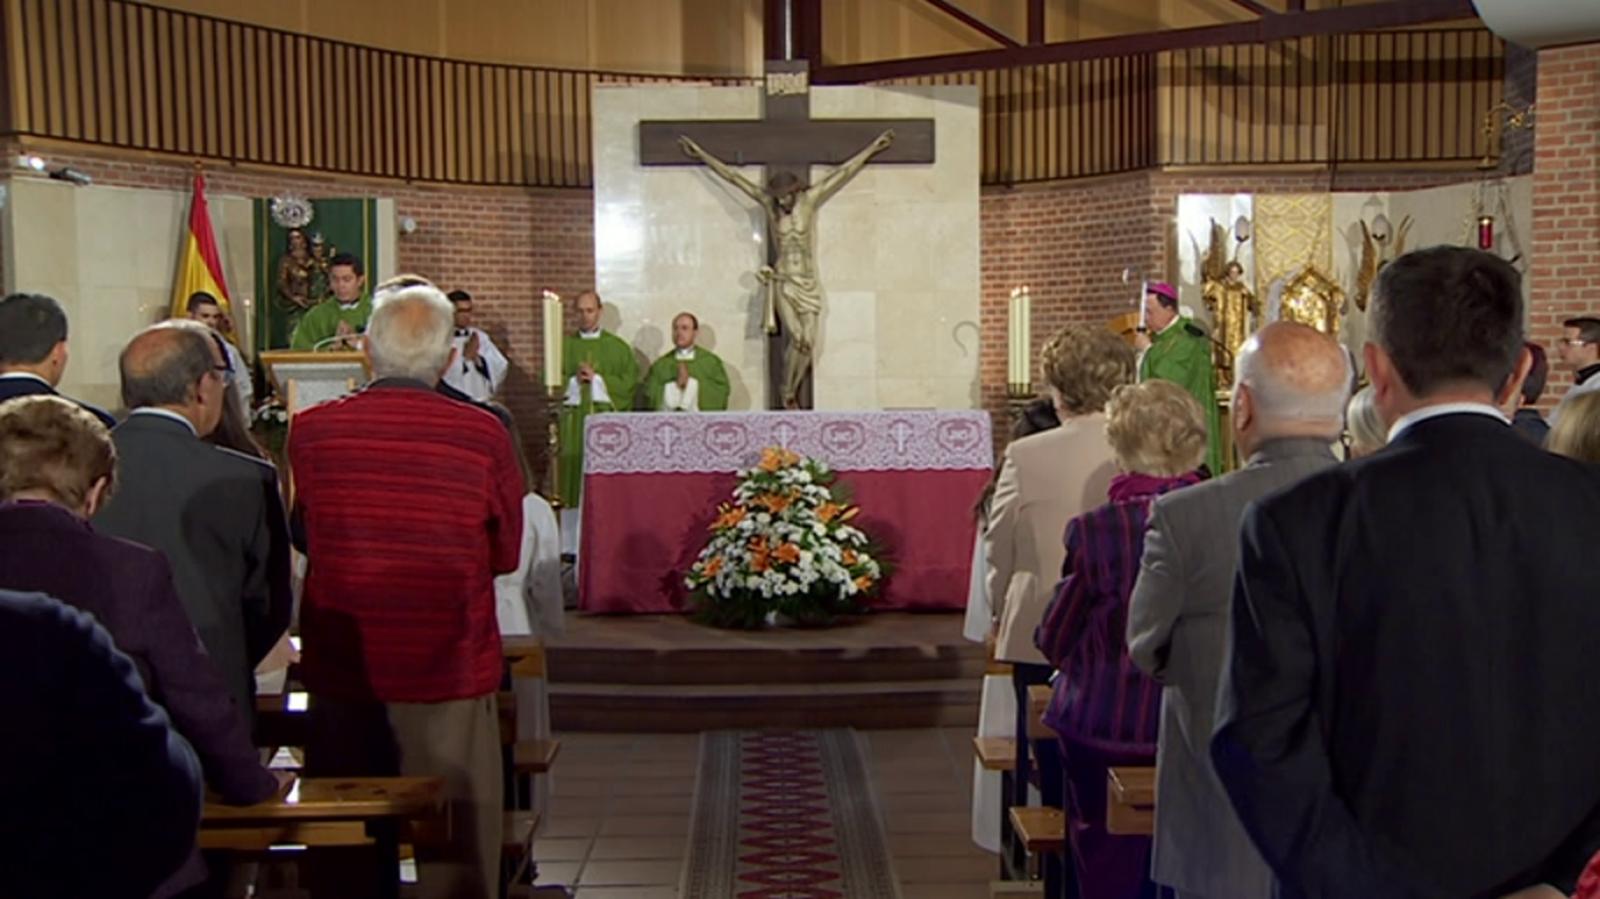 El día del Señor - Parroquia Ntra. Sra. de Loreto (Alcalá de Henares) - ver ahora